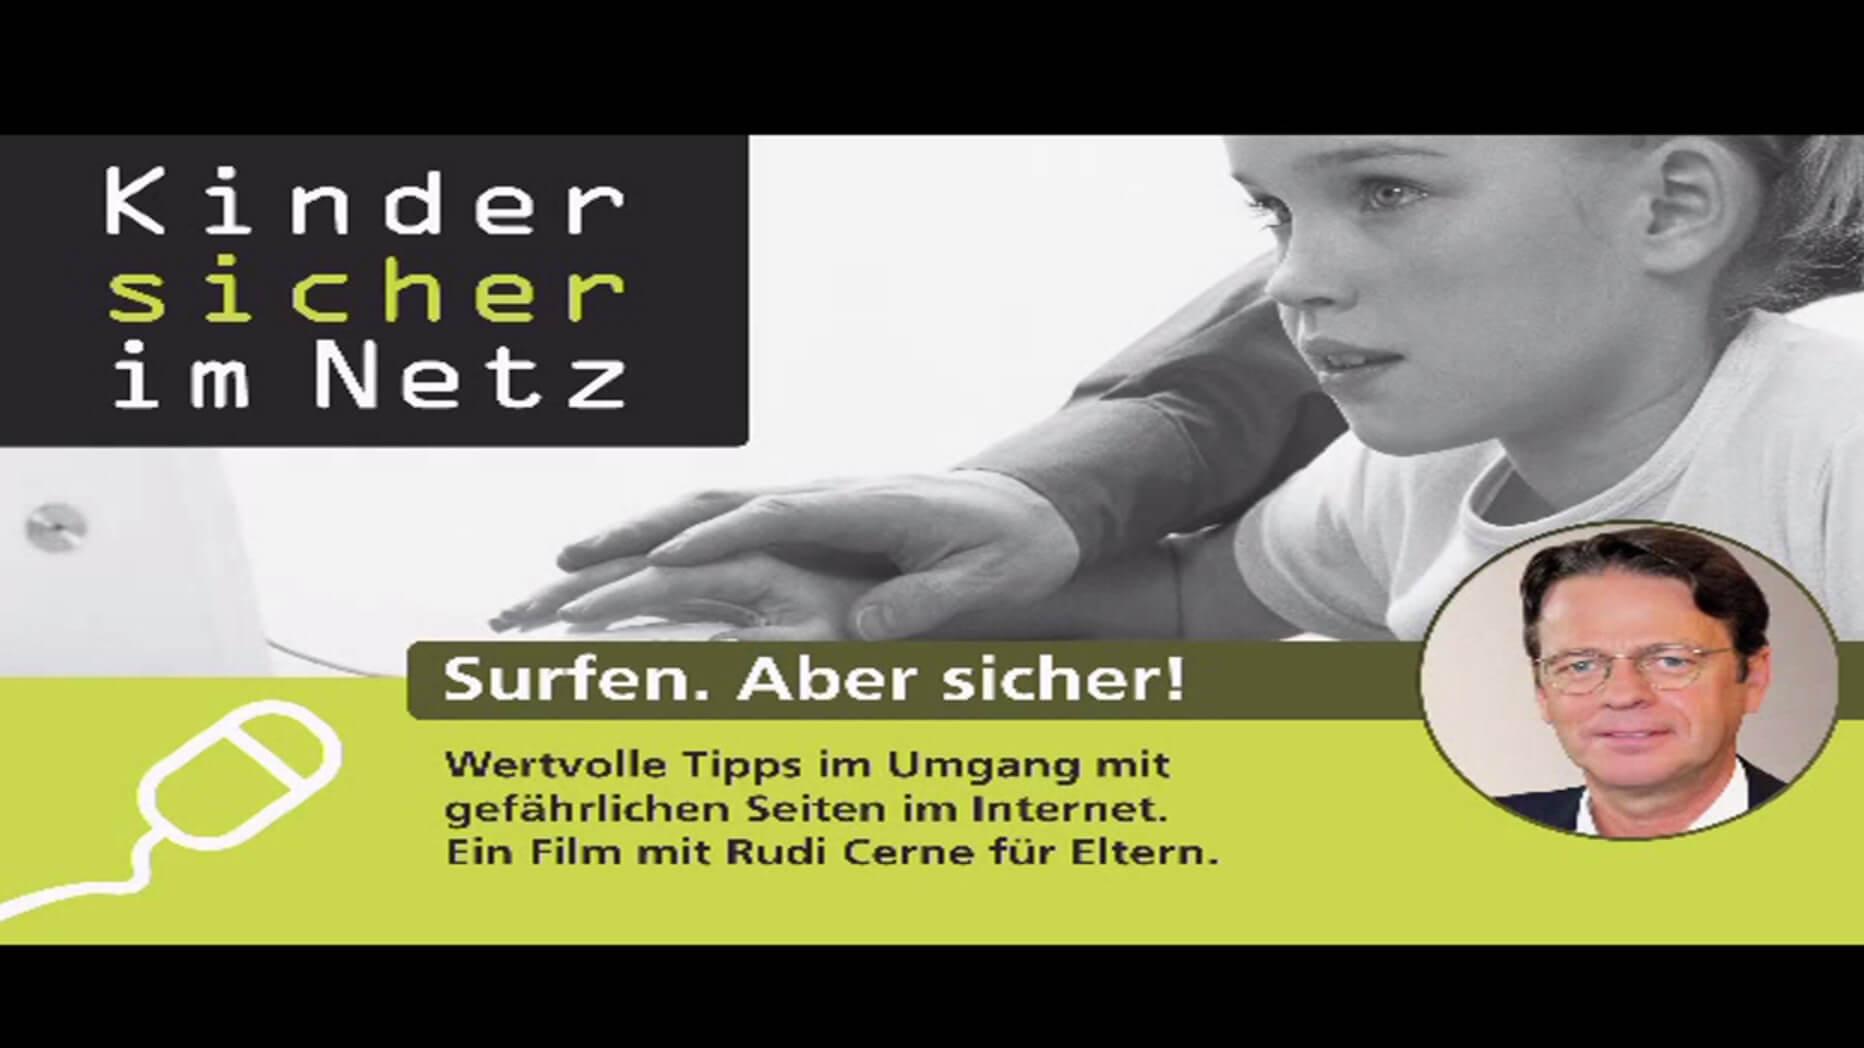 Kinderporno-Verdacht an Odenwaldschule: Lehrer